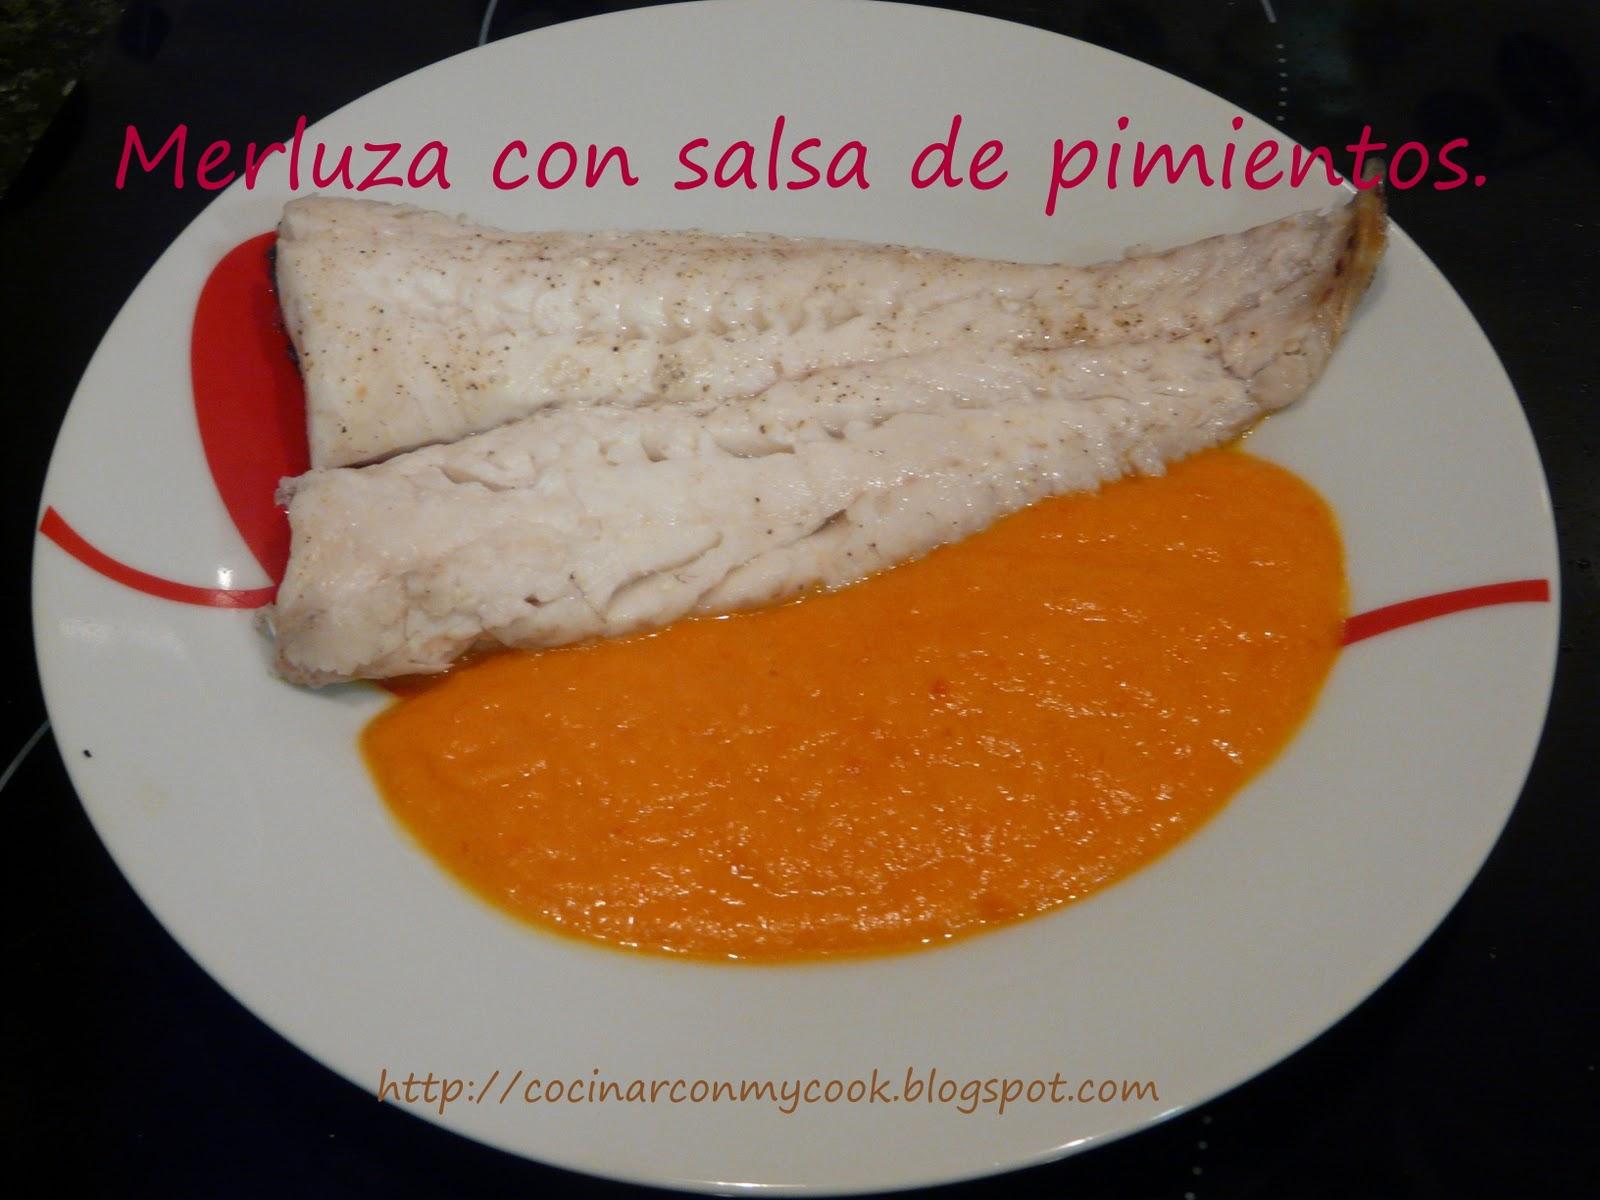 Cocinar con mycook merluza con salsa de pimientos - Cocinar merluza en salsa ...